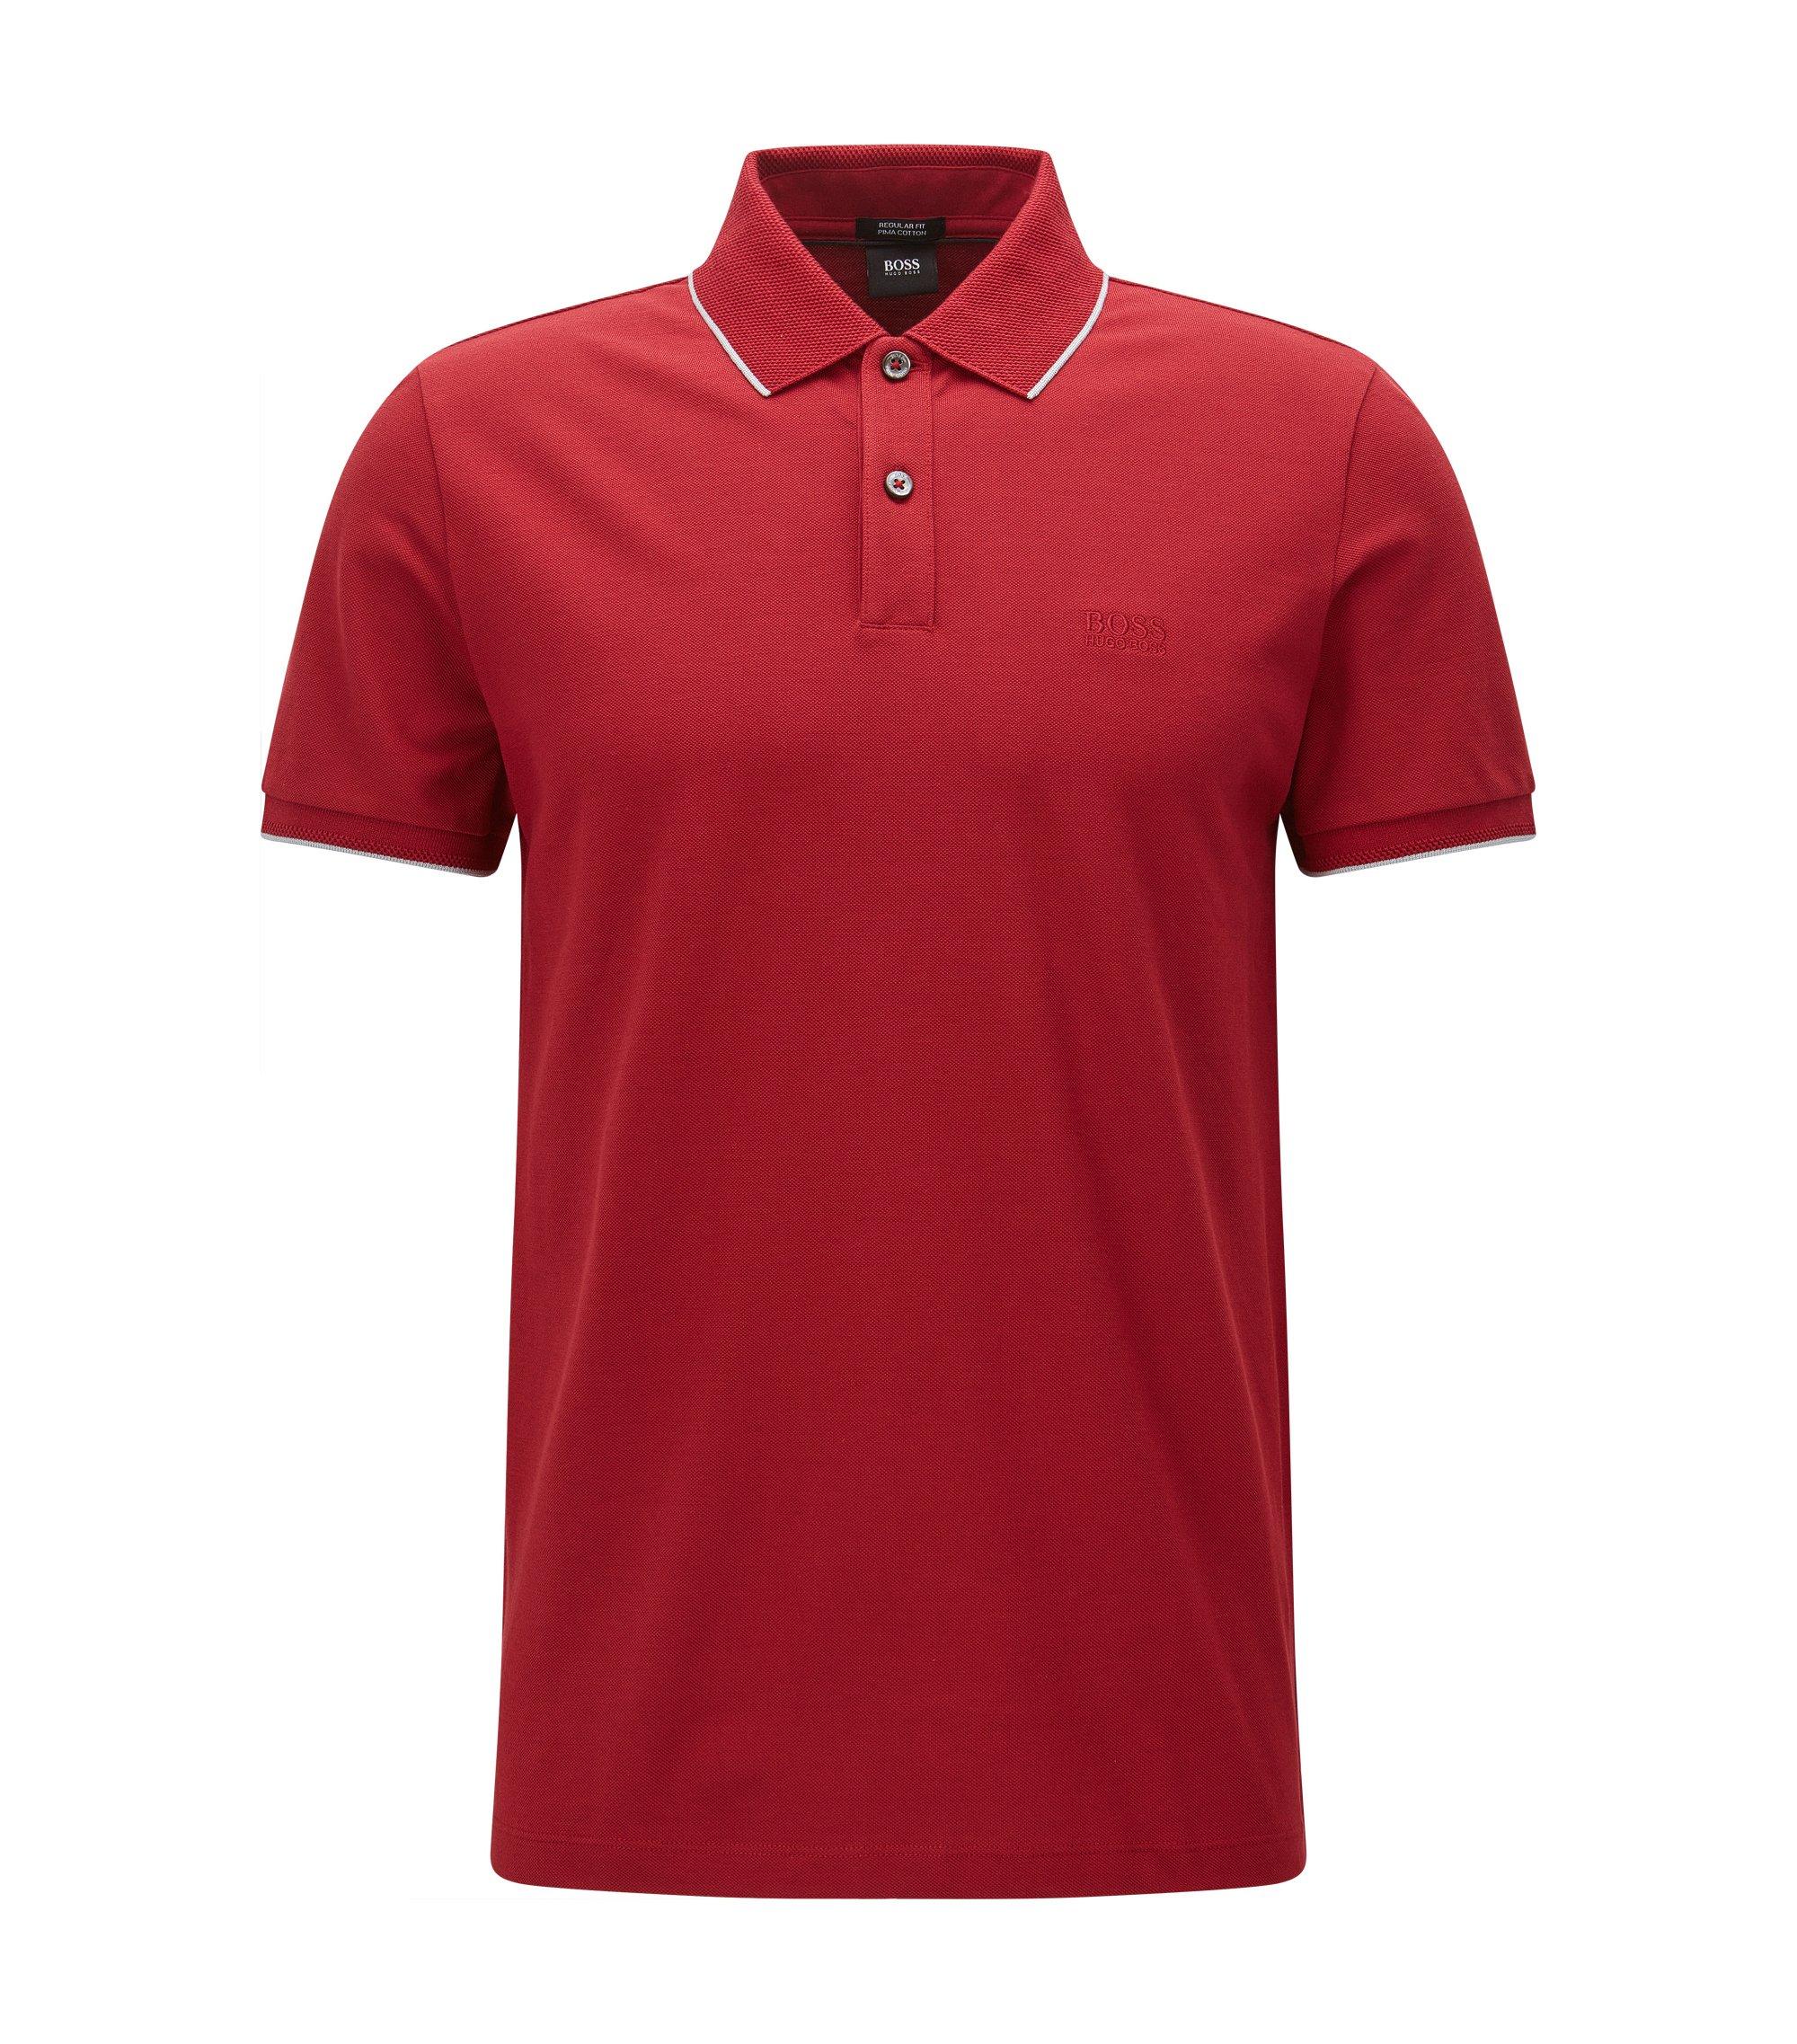 Regular-Fit Poloshirt aus Baumwolle mit kontrastfarbener Einfassung, Rot